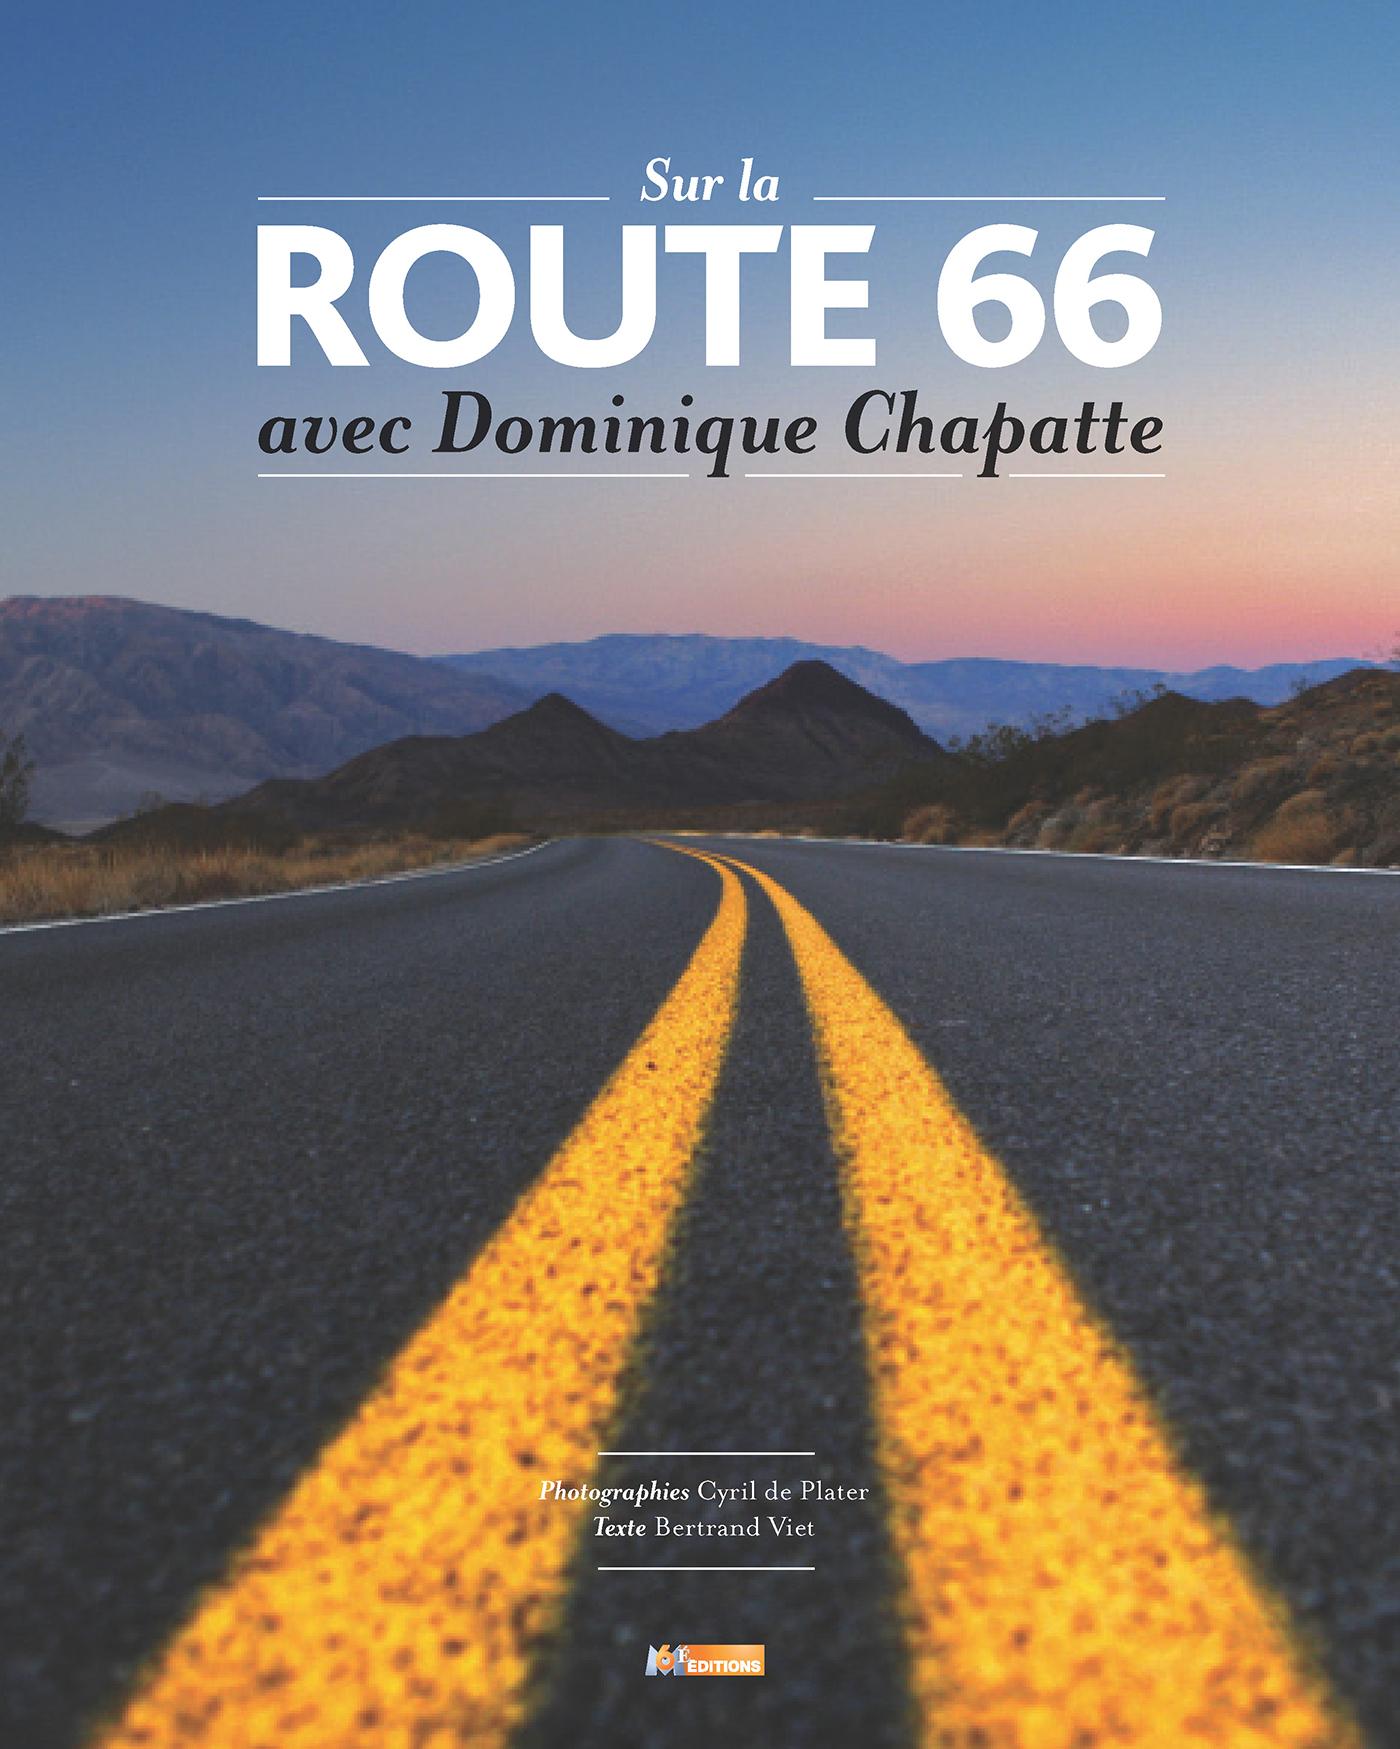 SUR LA ROUTE 66 AVEC DOMINIQUE CHAPATTE